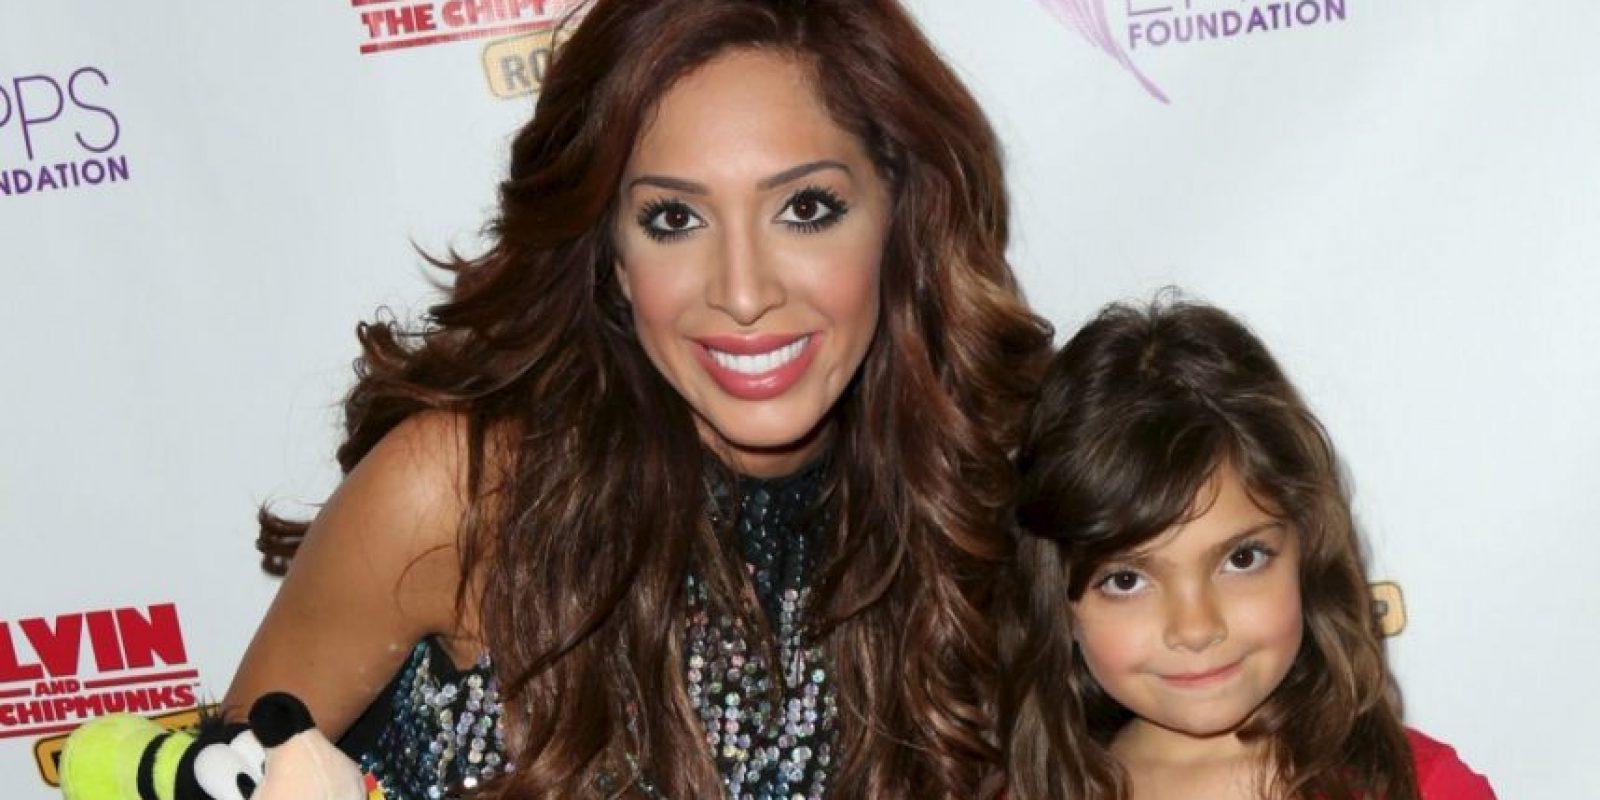 Se cree mejor que Kim Kardashian y es famosa por sus cirugías. Foto:vía Getty Images